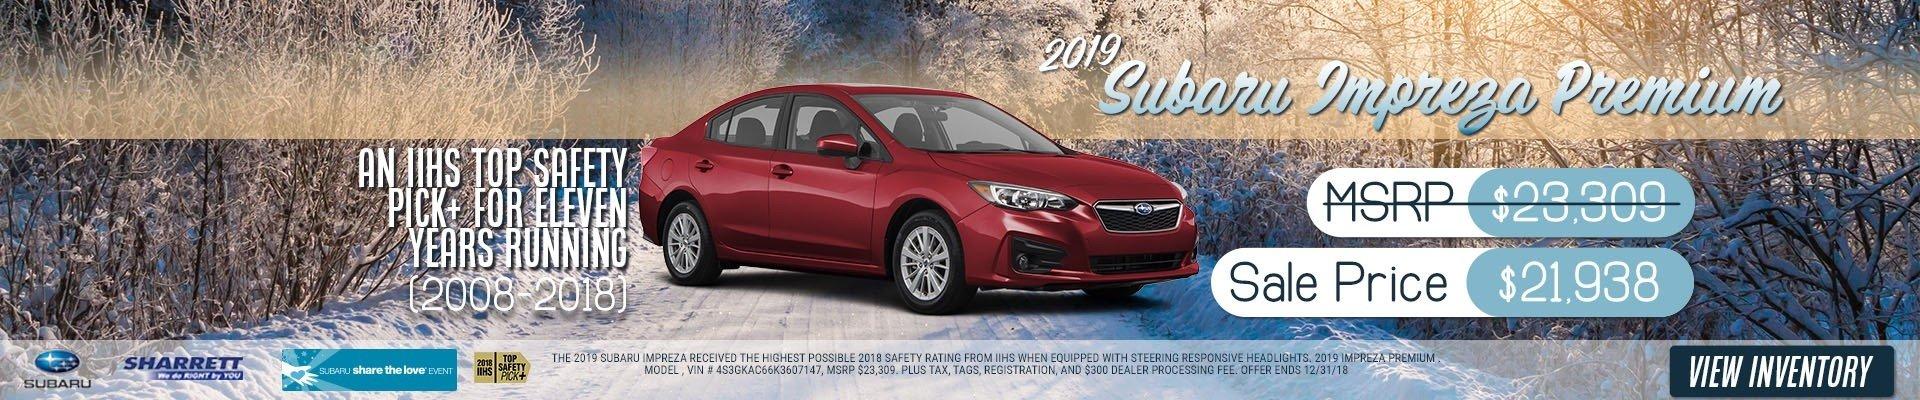 2019 Subaru Impreza Premium for $21,938